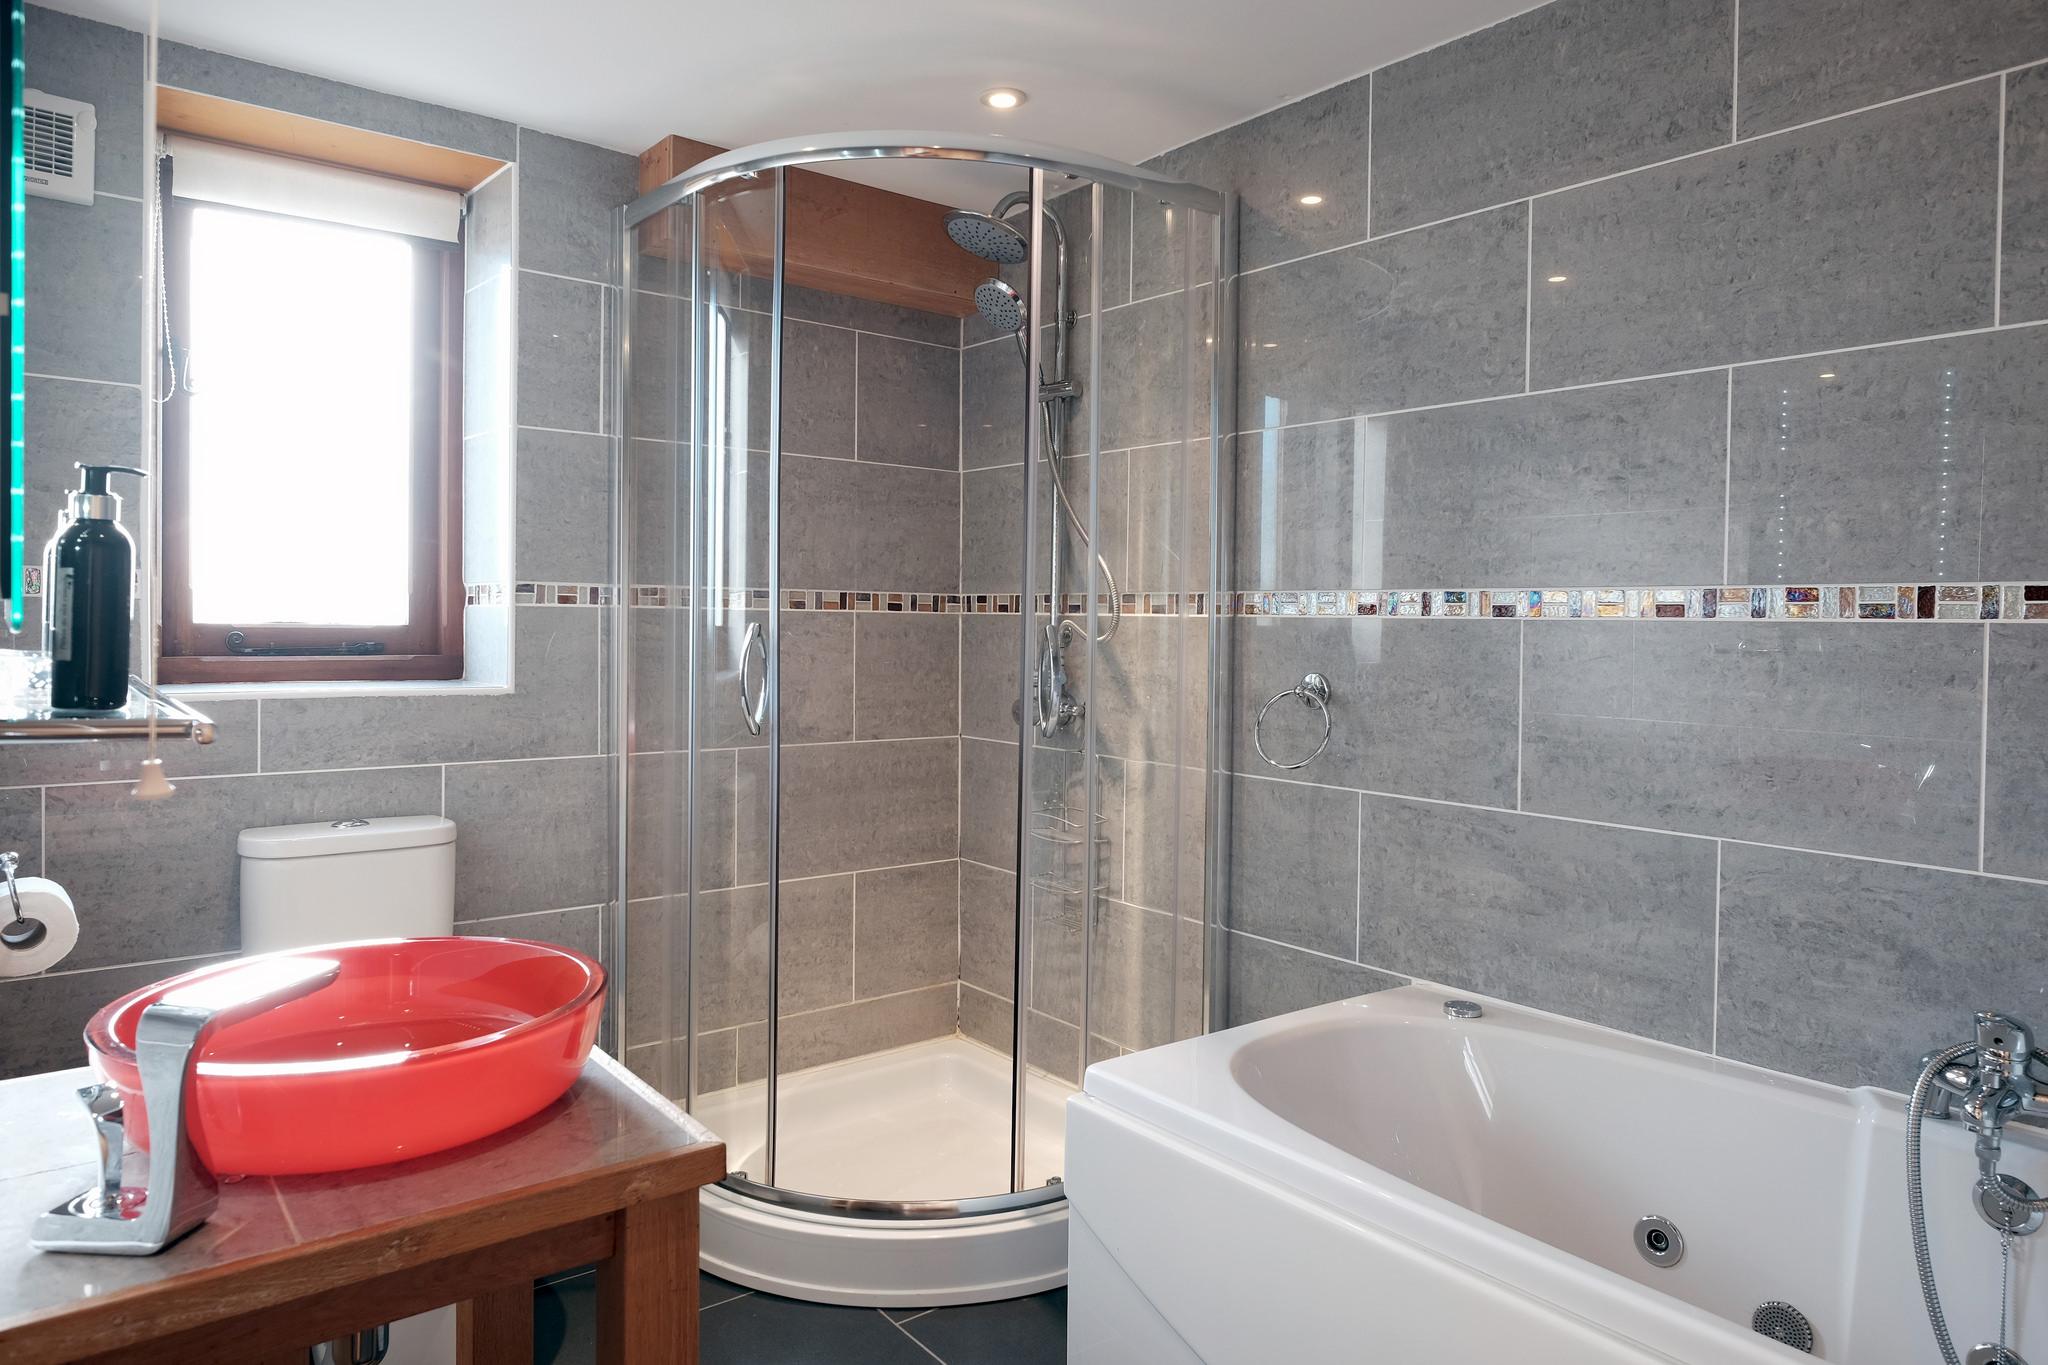 En-suite bathroom with spa bath and walk-in shower